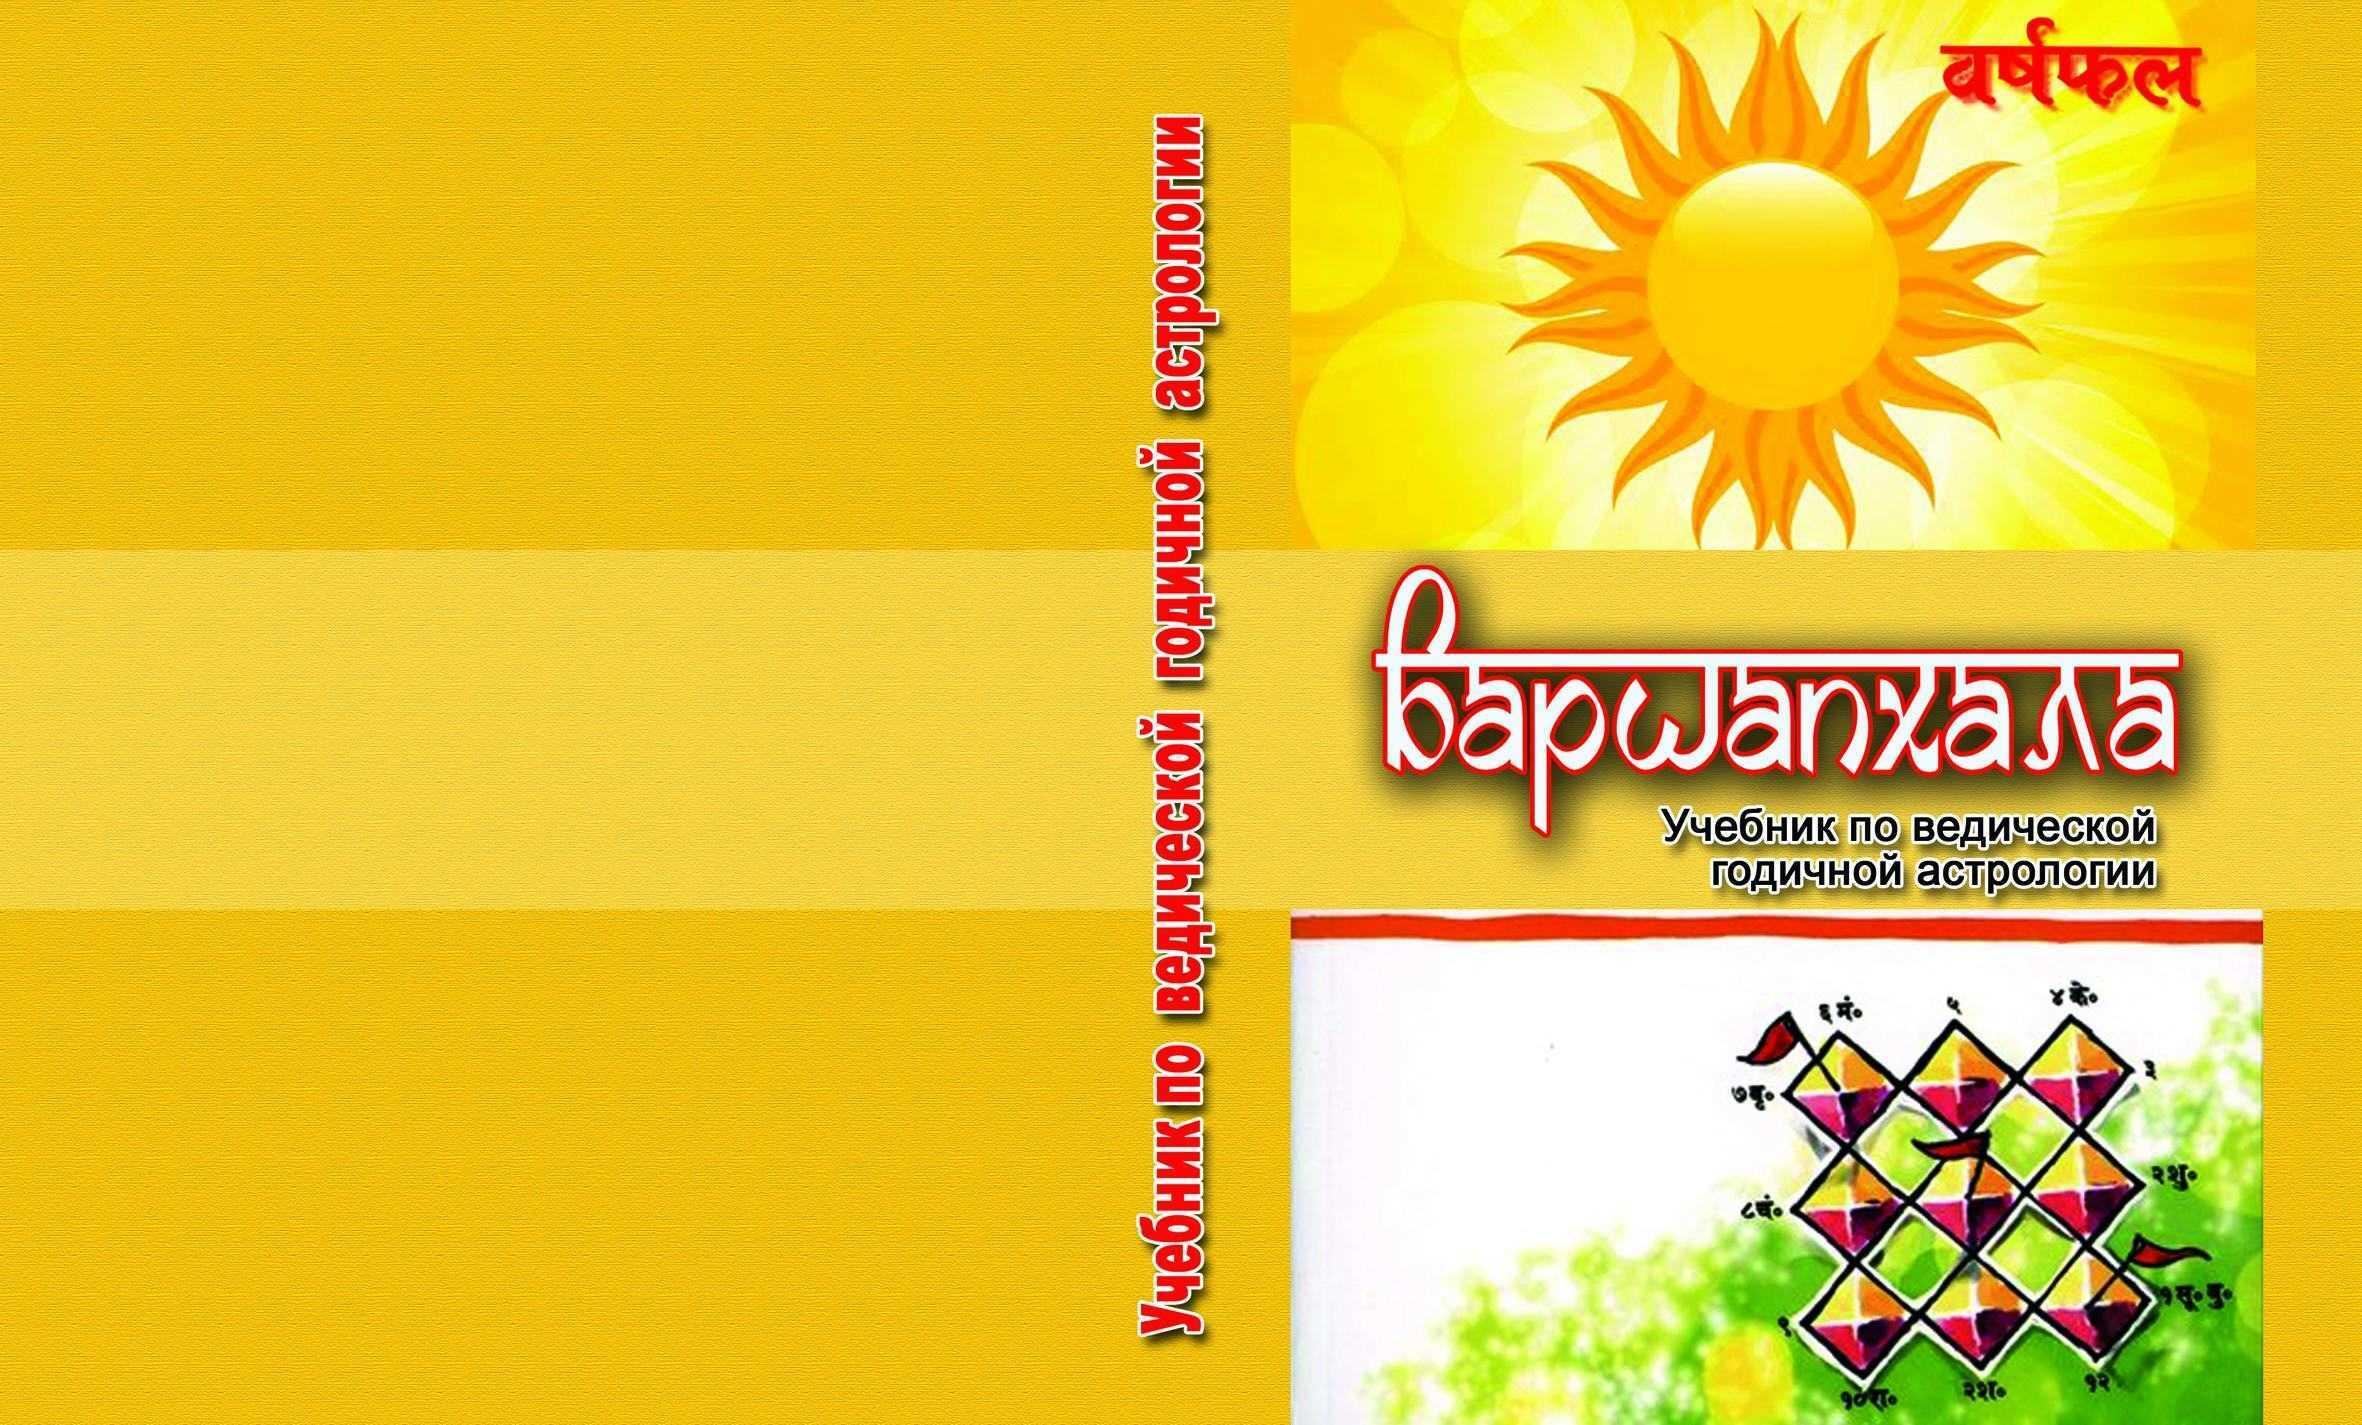 *** Варшапхала — учебник Ведической годичной астрологии К С Чарак | Textbook of Varshaphala — Vedic Technique of the Tajika Annual Horoscopy Dr K S Charak ***